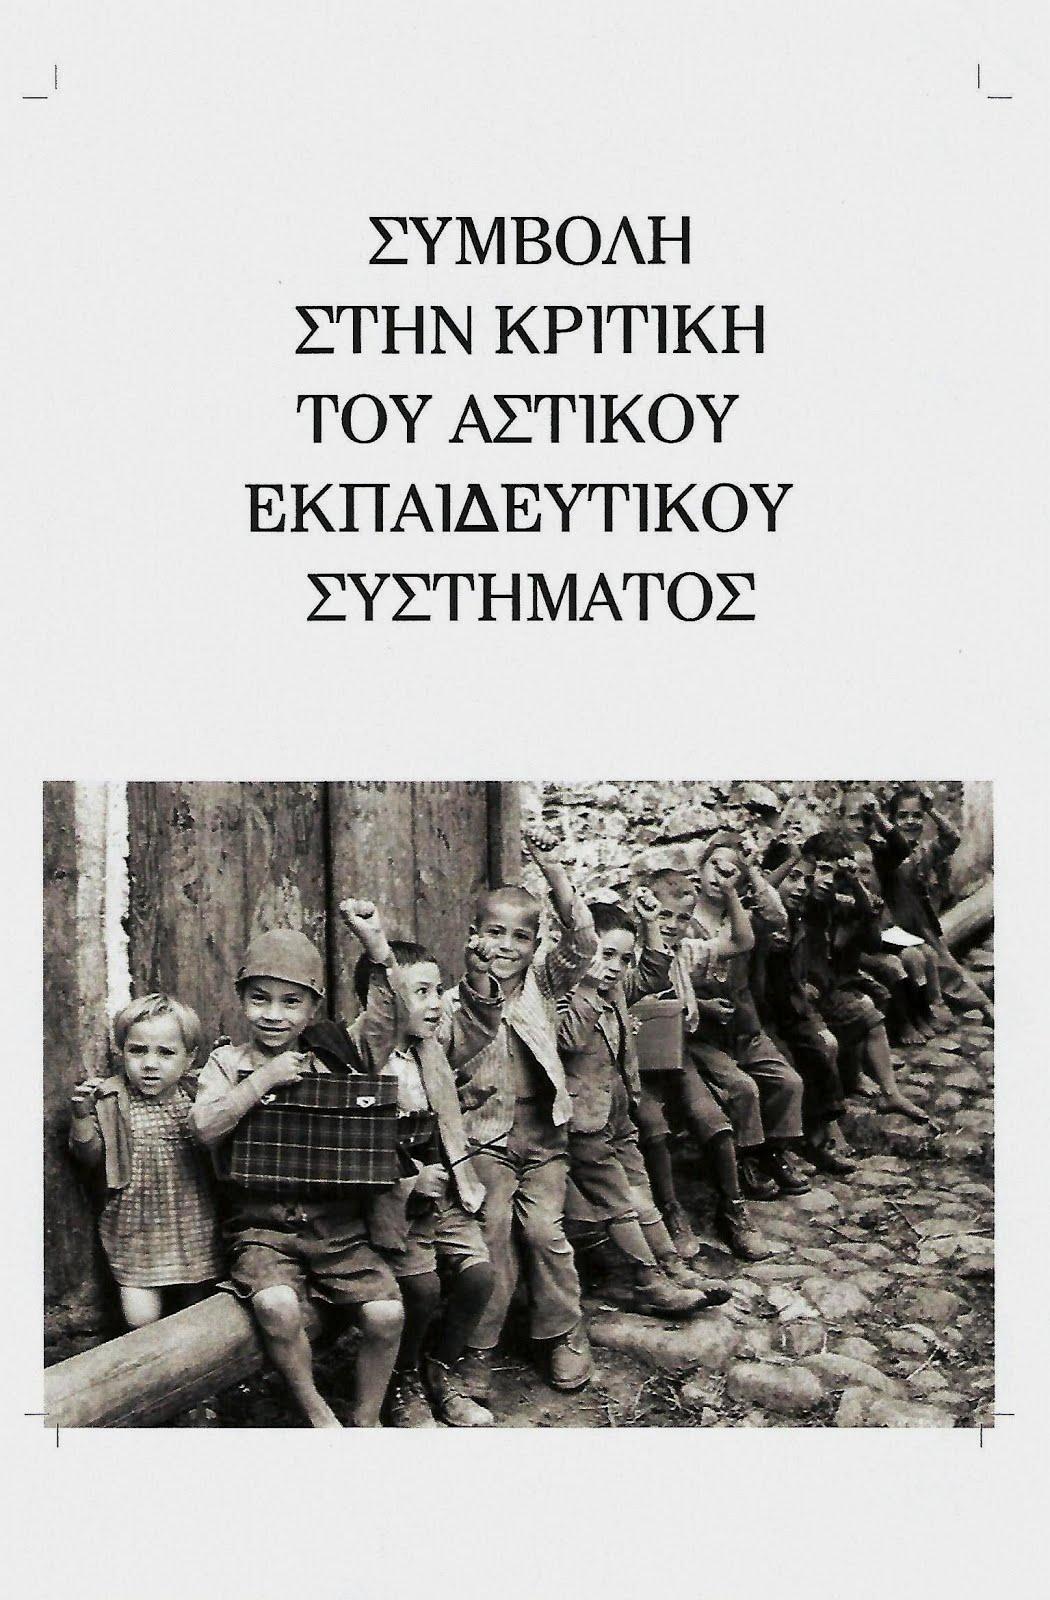 Συμβολή στην κριτική του αστικού εκπαιδευτικού συστήματος (pdf)